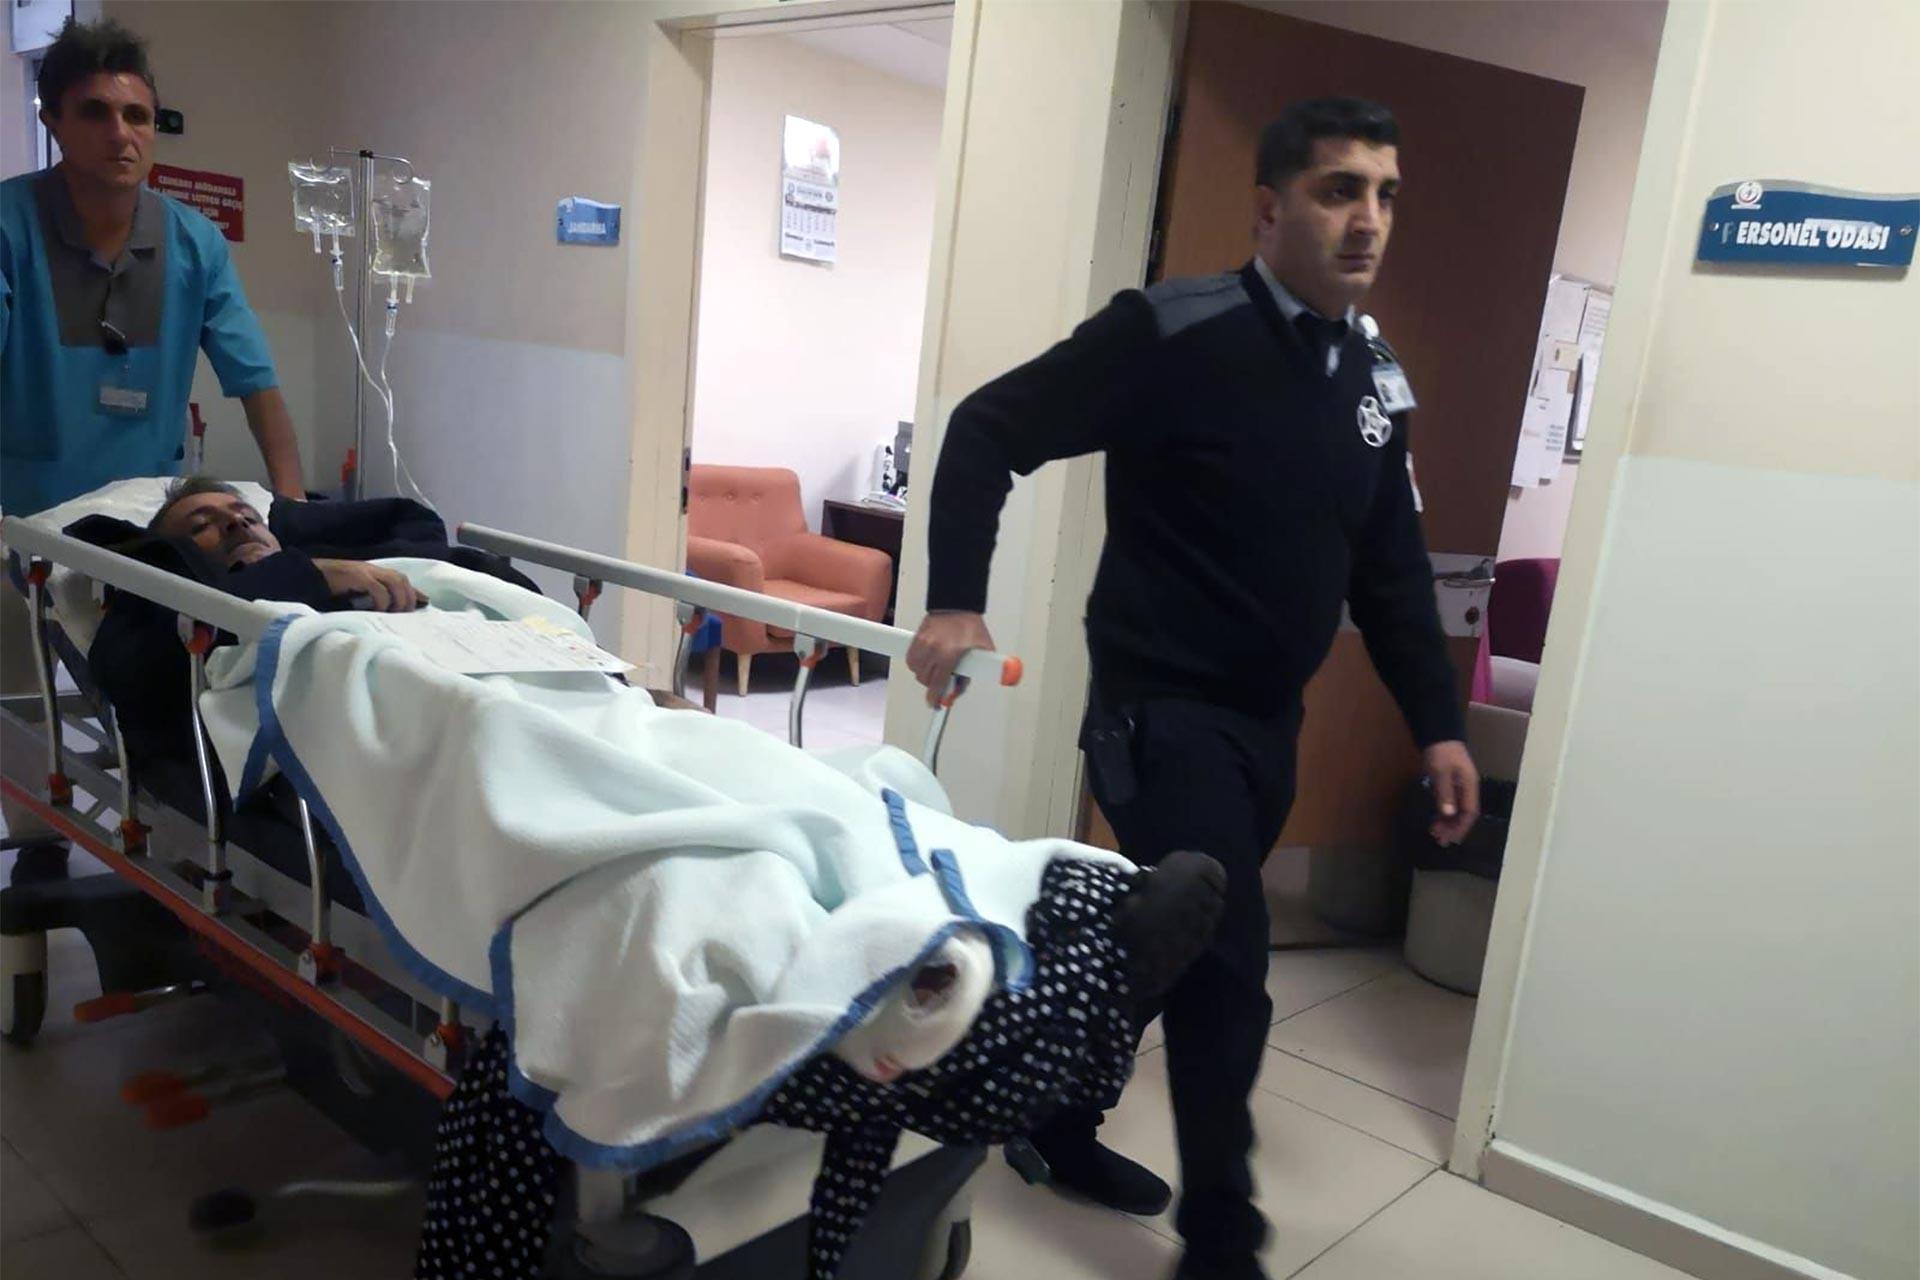 yaralı işçi sedyede taşınıyor